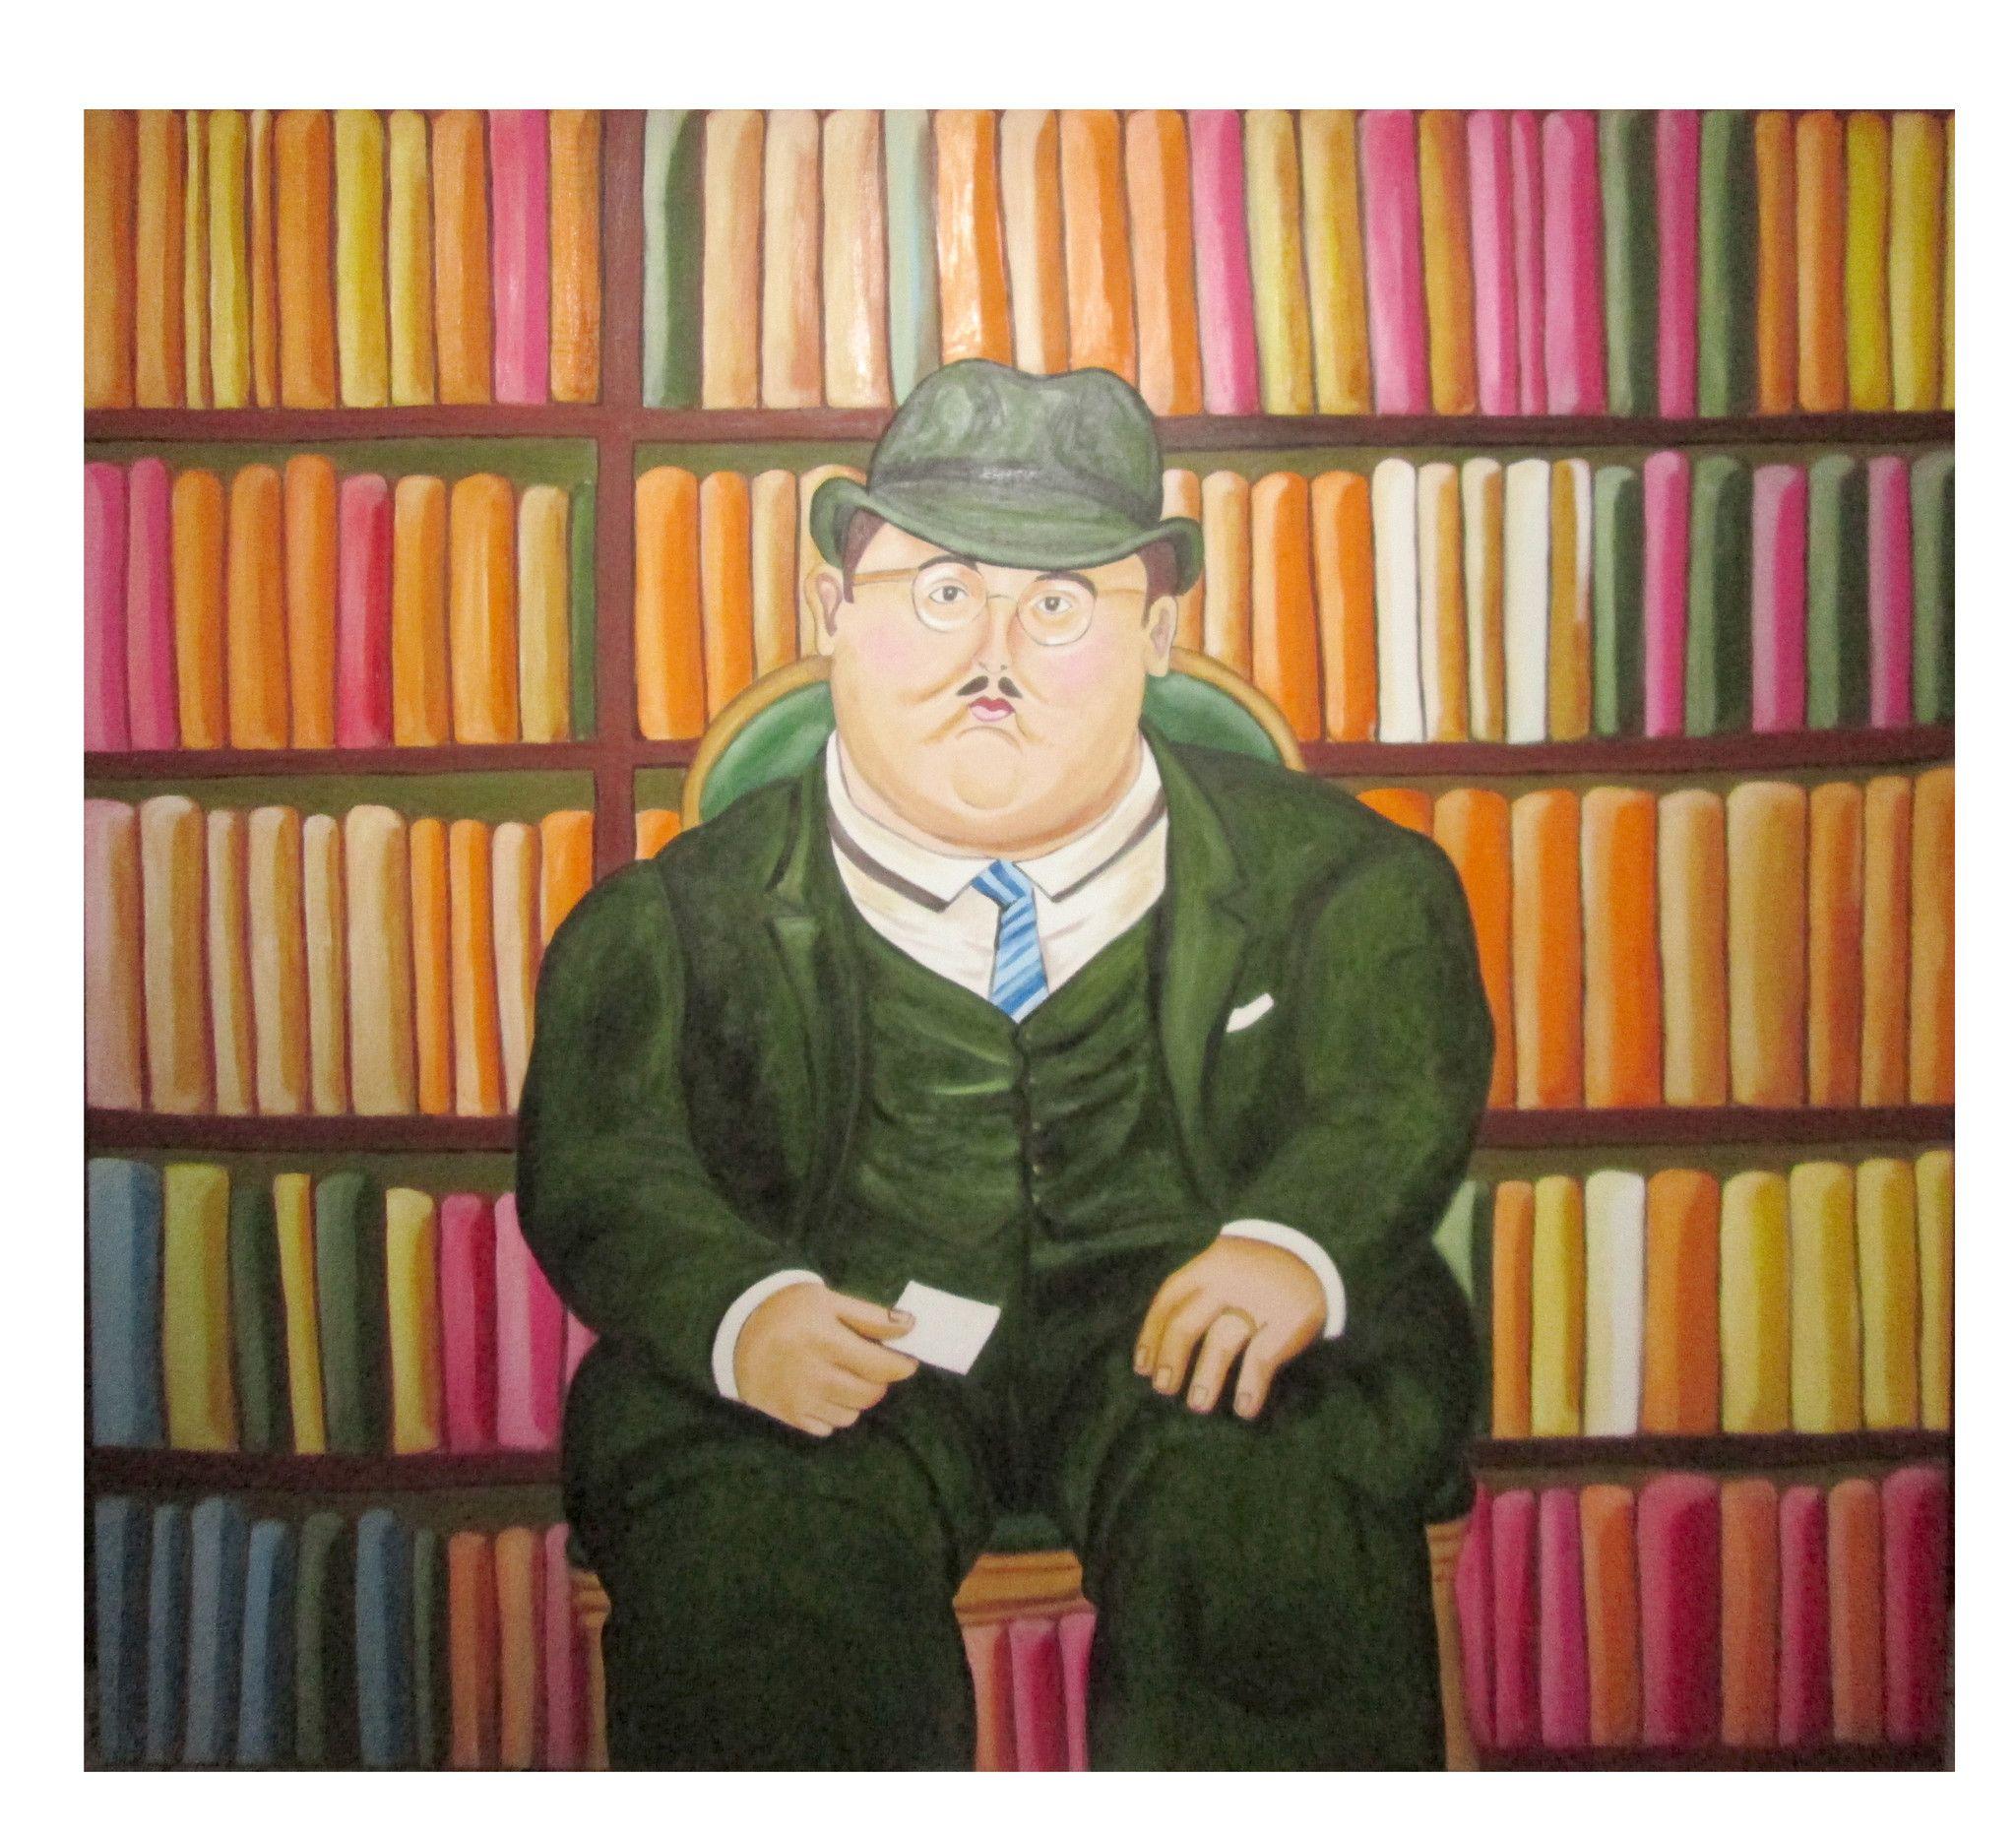 Il notaio - Copia di Fernando Botero - 130x160